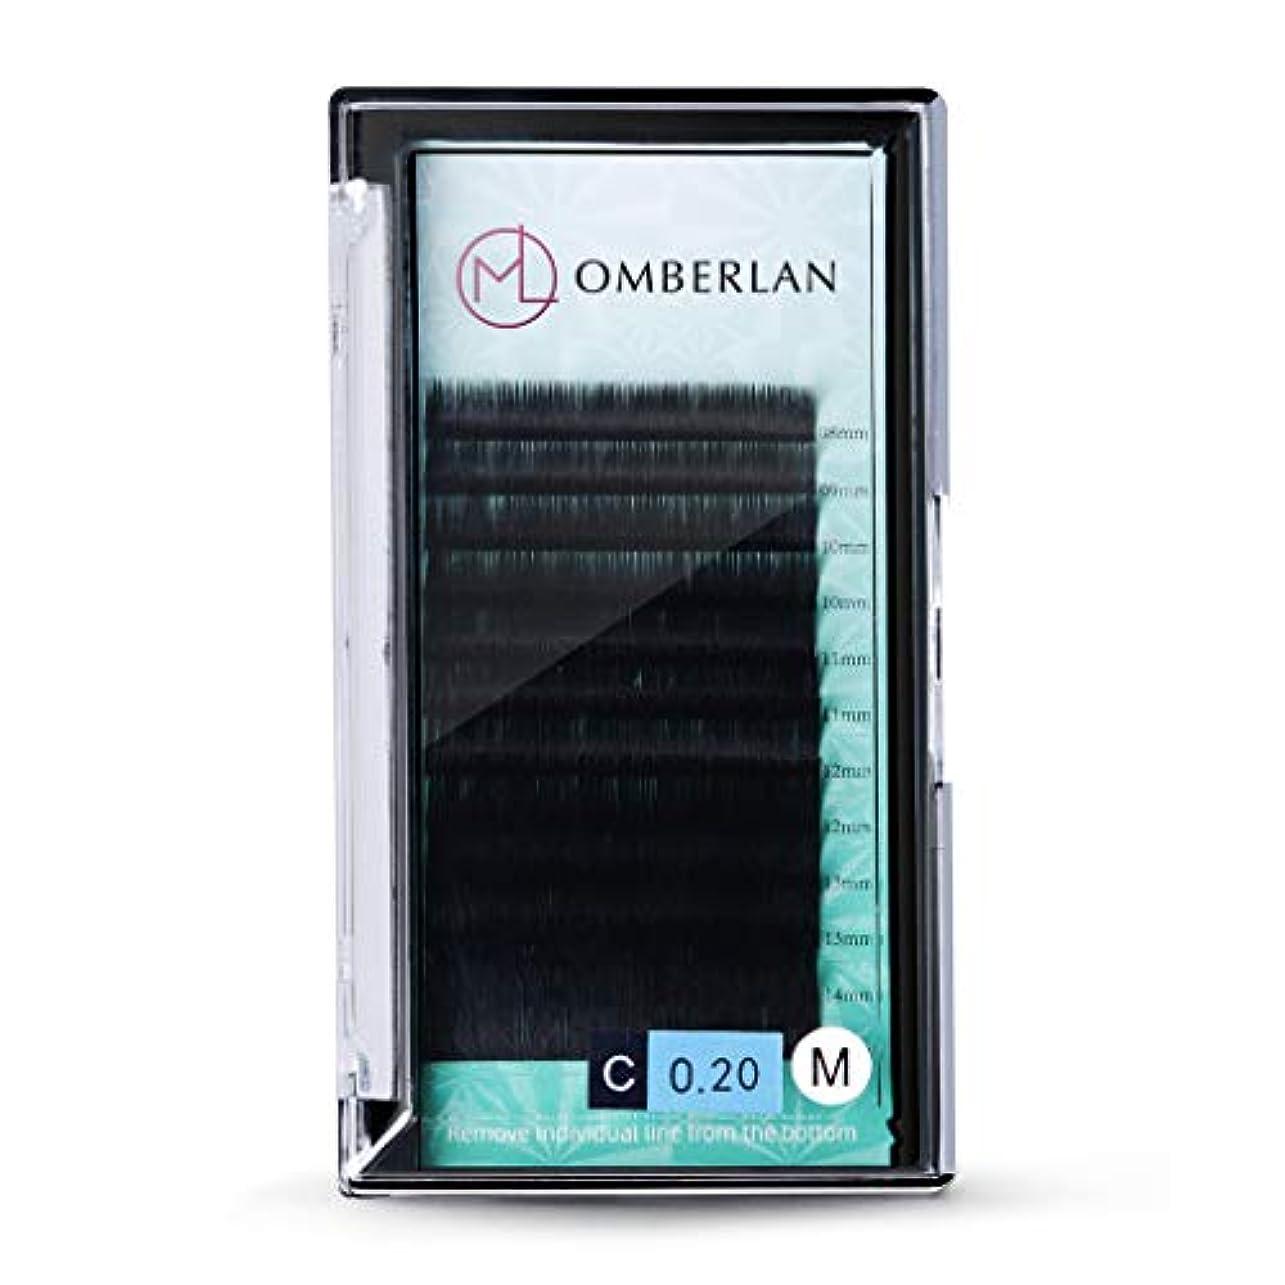 統合注意不透明なOmberlanまつげエクステ0.2㎜厚Cカール 8-15㎜ ミックストレイ12まつげ、自然、ソフトで魅力的なプロ用まつげエクステ(Cカール 0.2㎜)